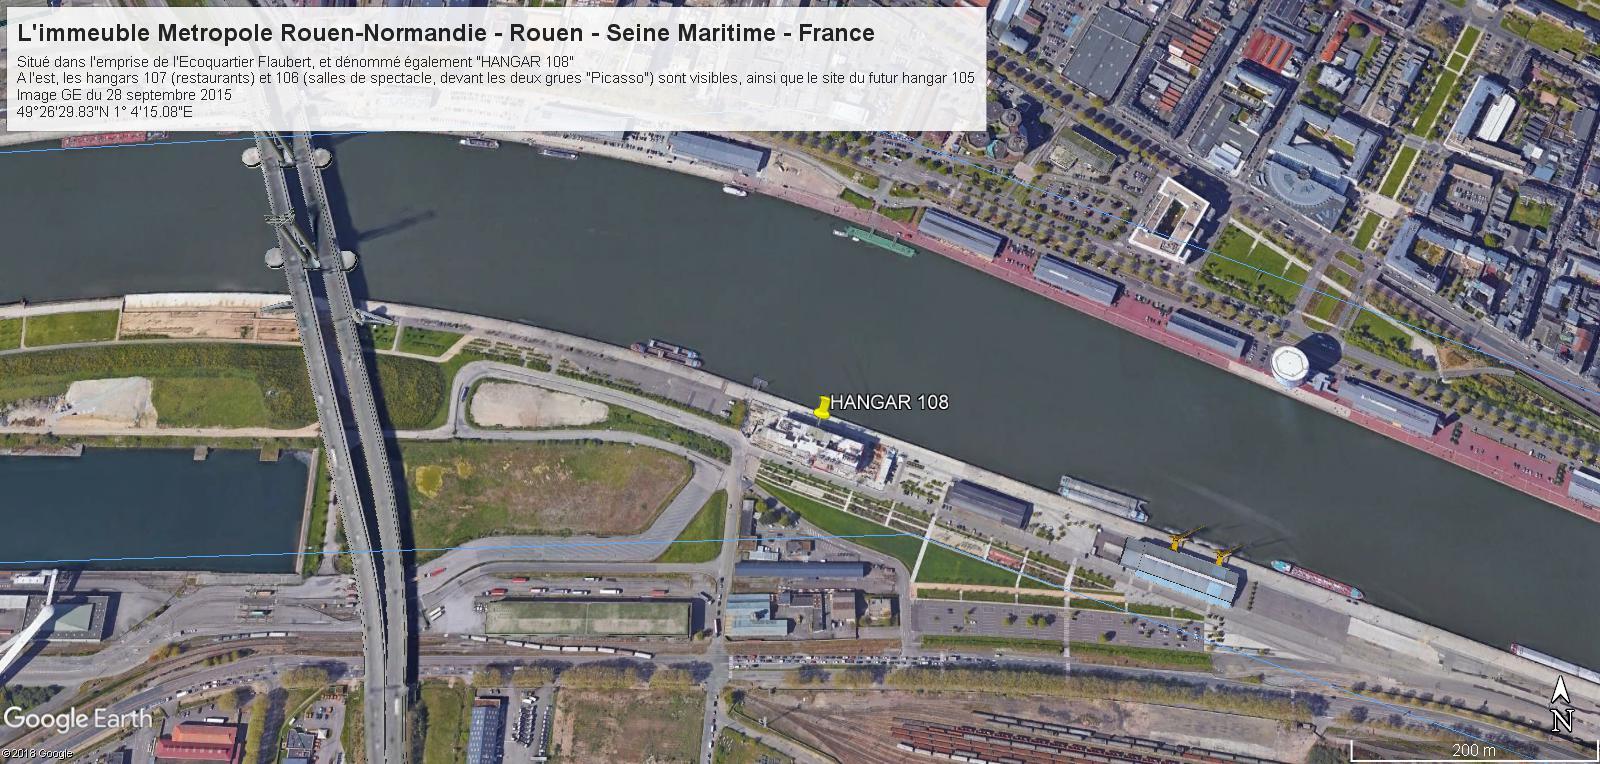 [Bientôt visible sur Google Earth] L'immeuble Metropole Rouen-Normandie - Rouen - Seine Maritime - France H10810